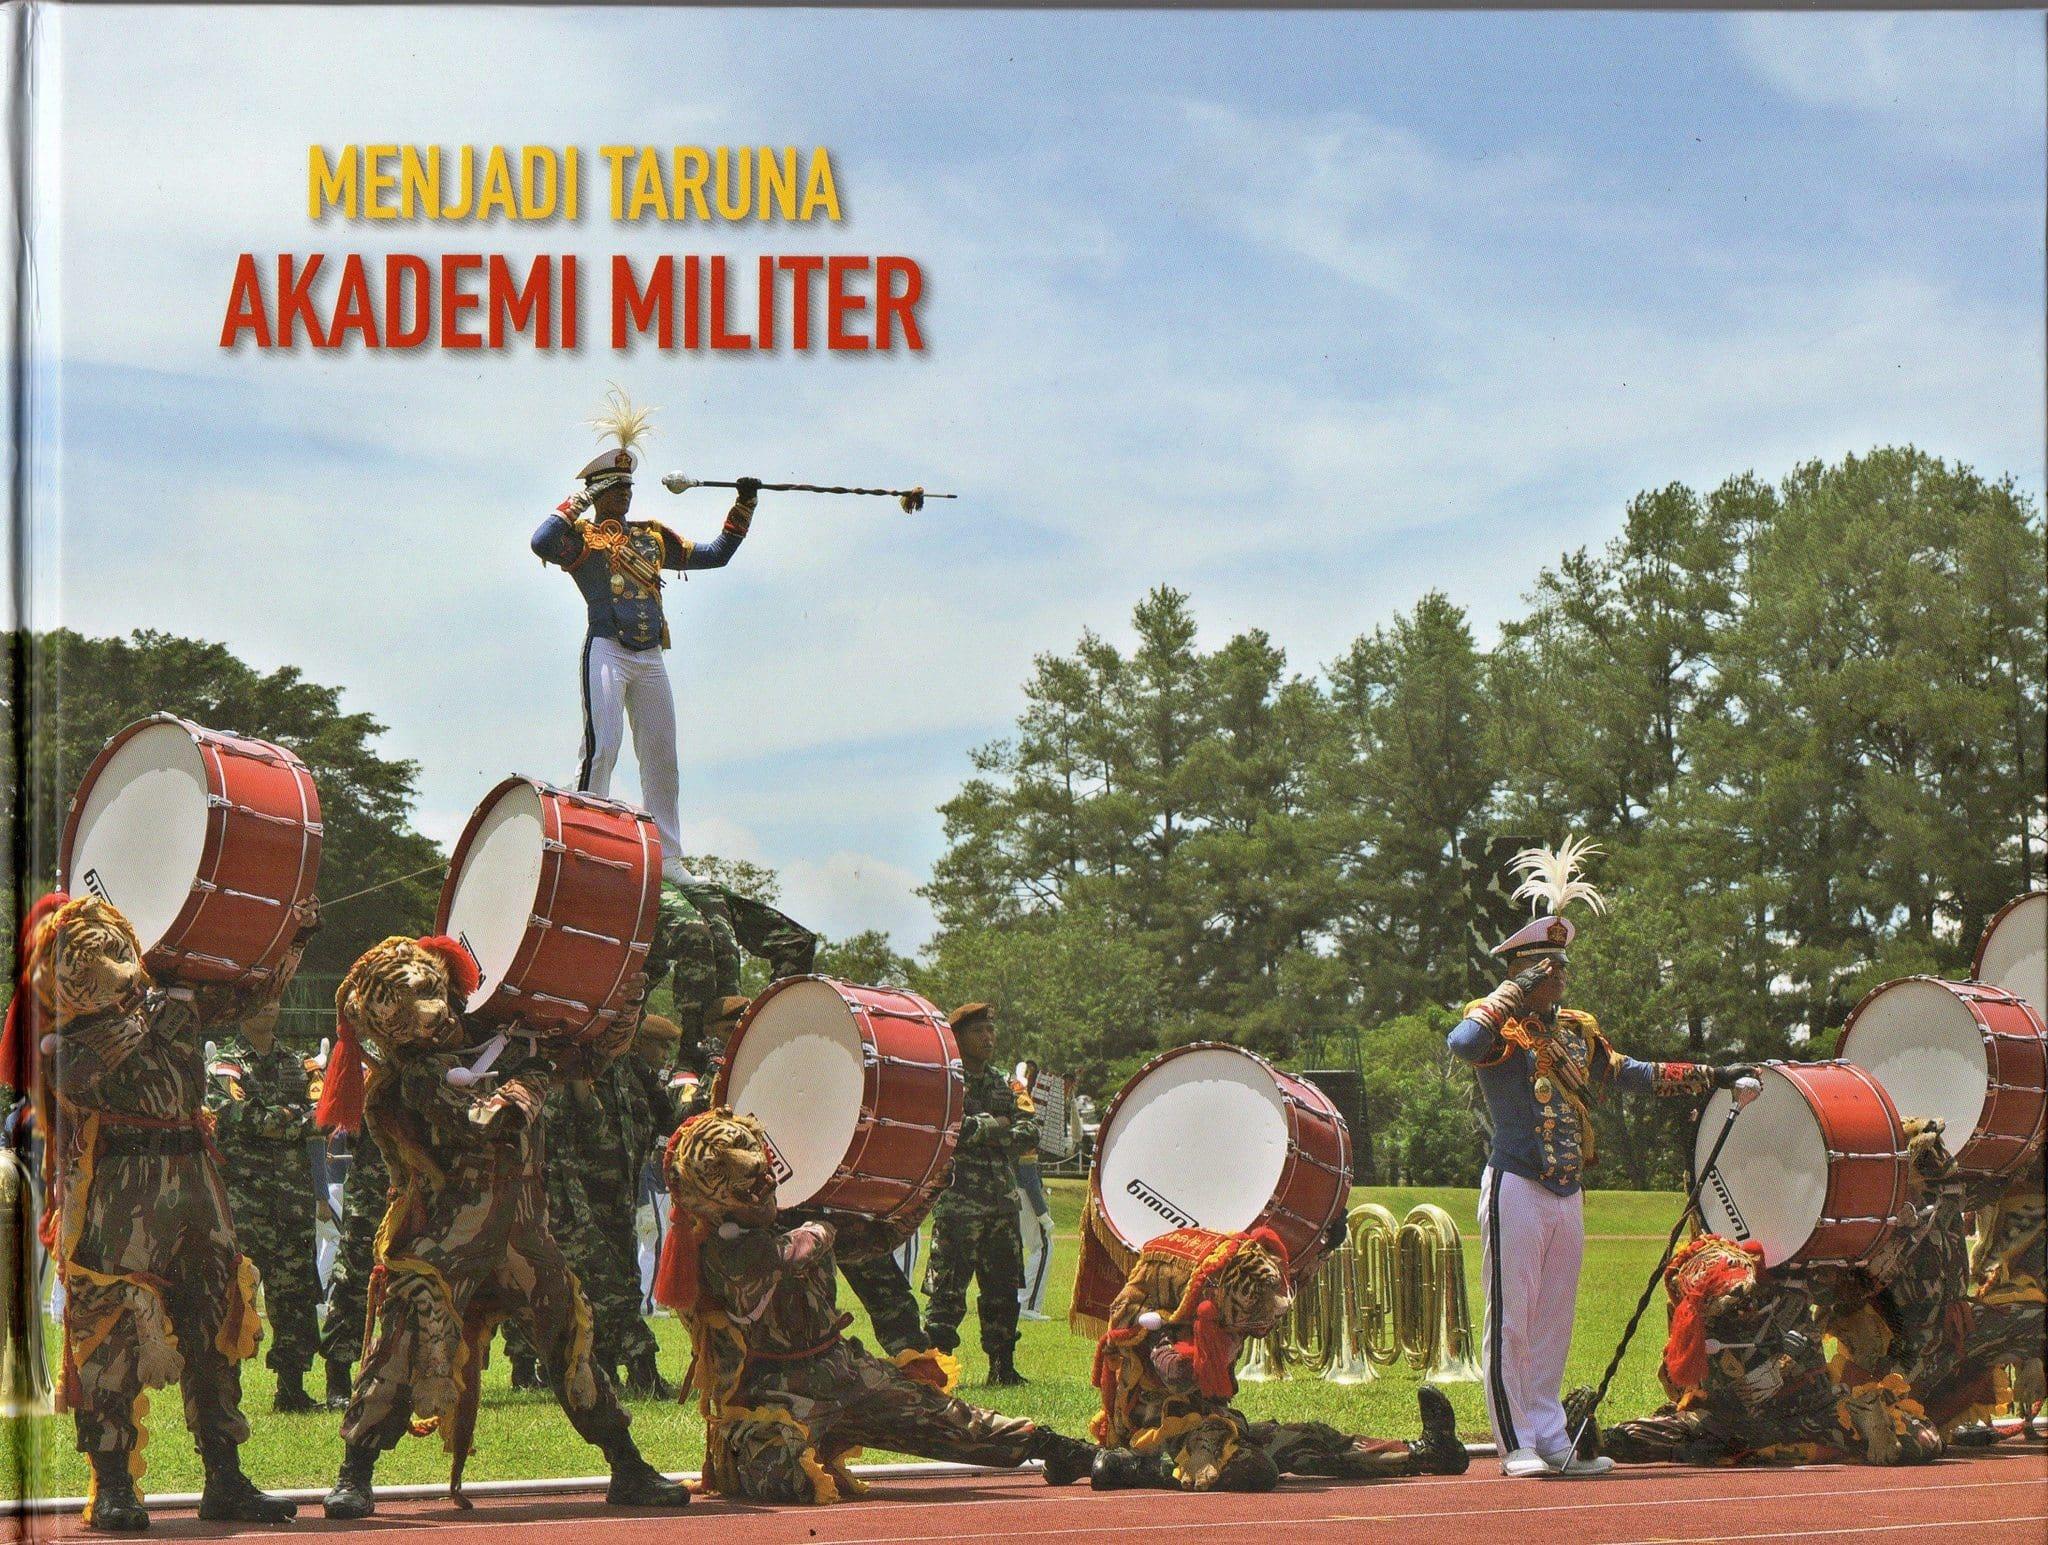 Indonesia tuan rumah pertandingan olahraga militer